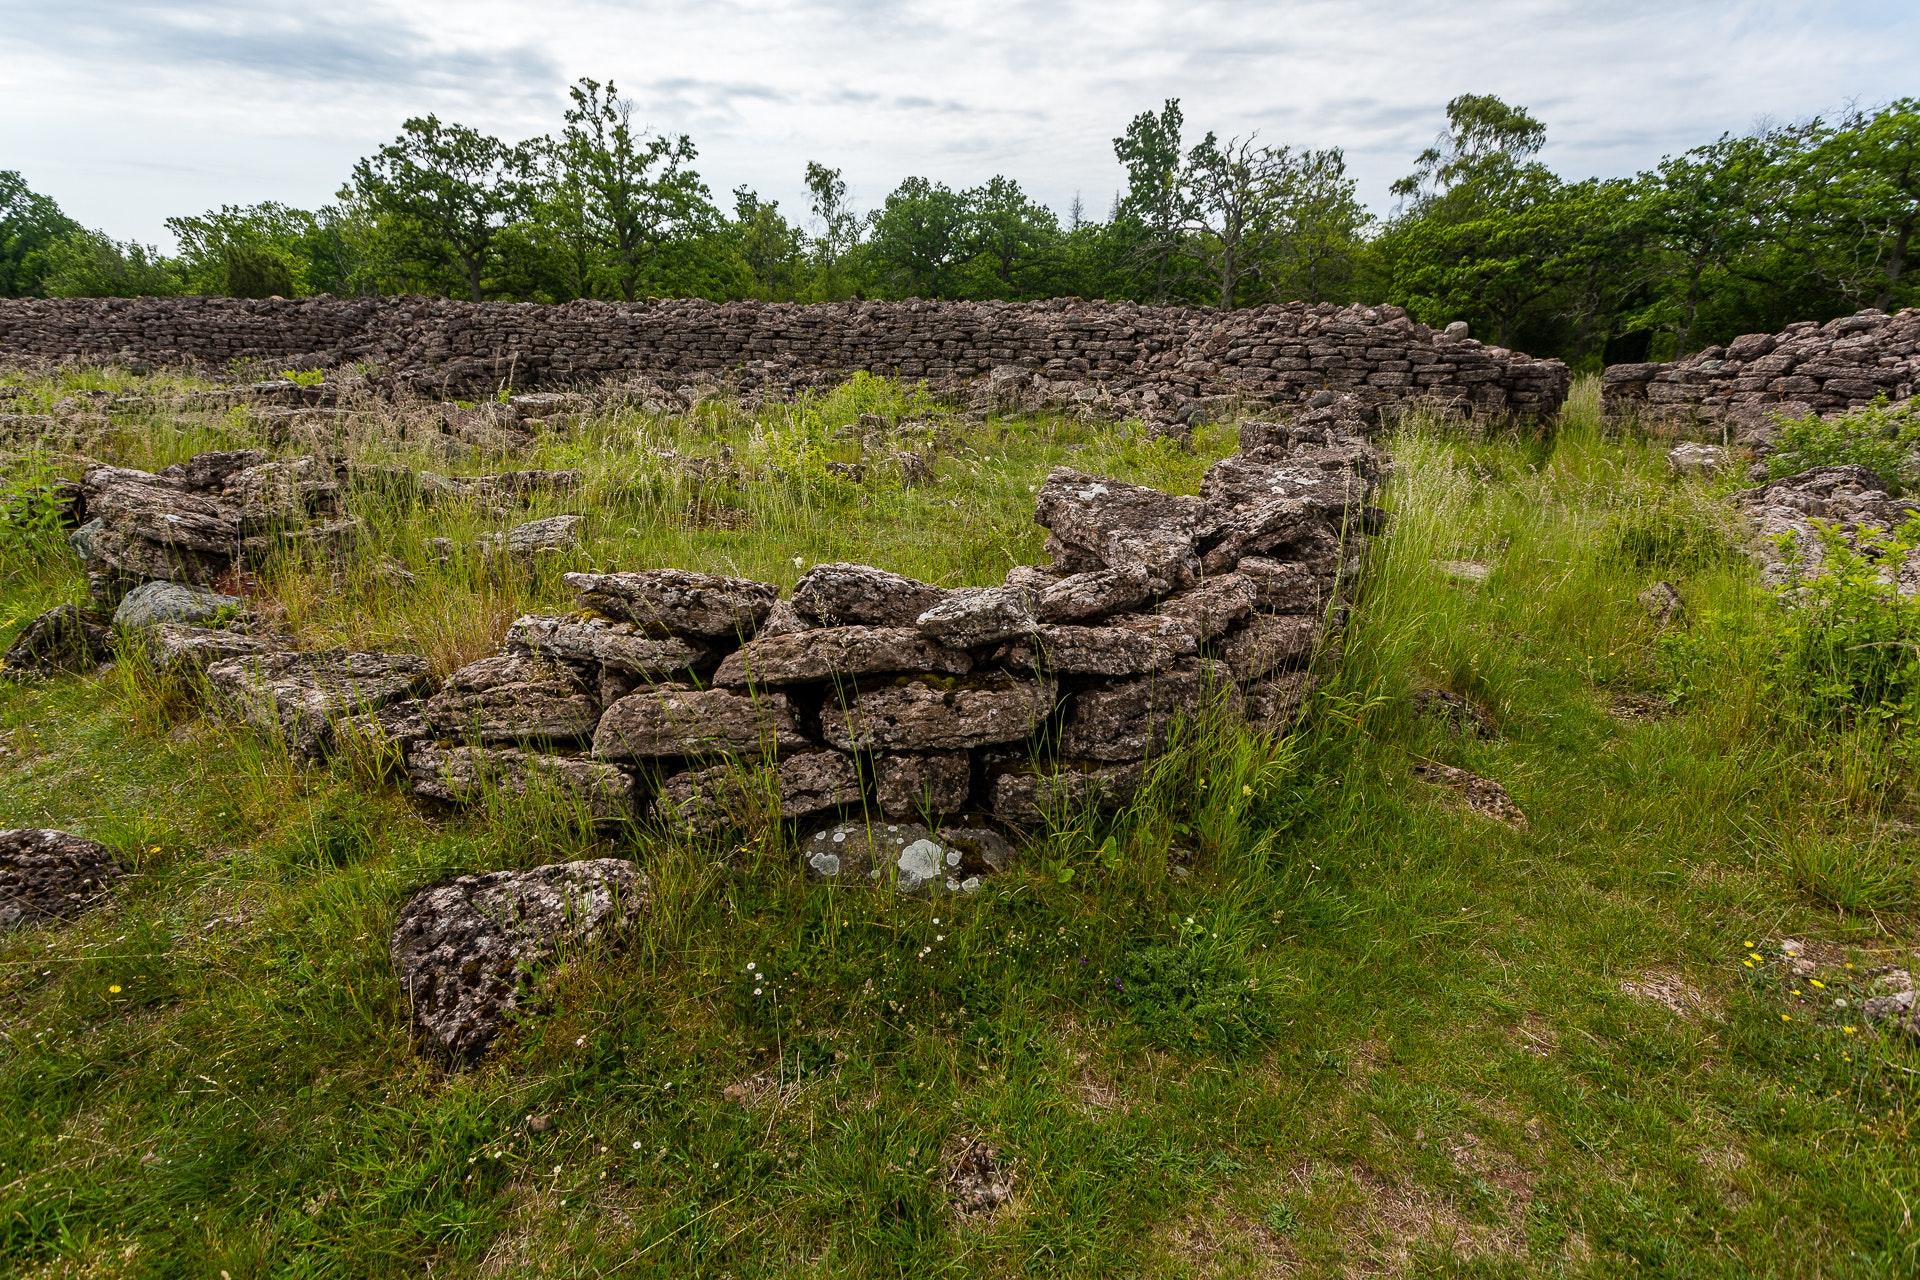 Ismantorps Fornborg Interior walls